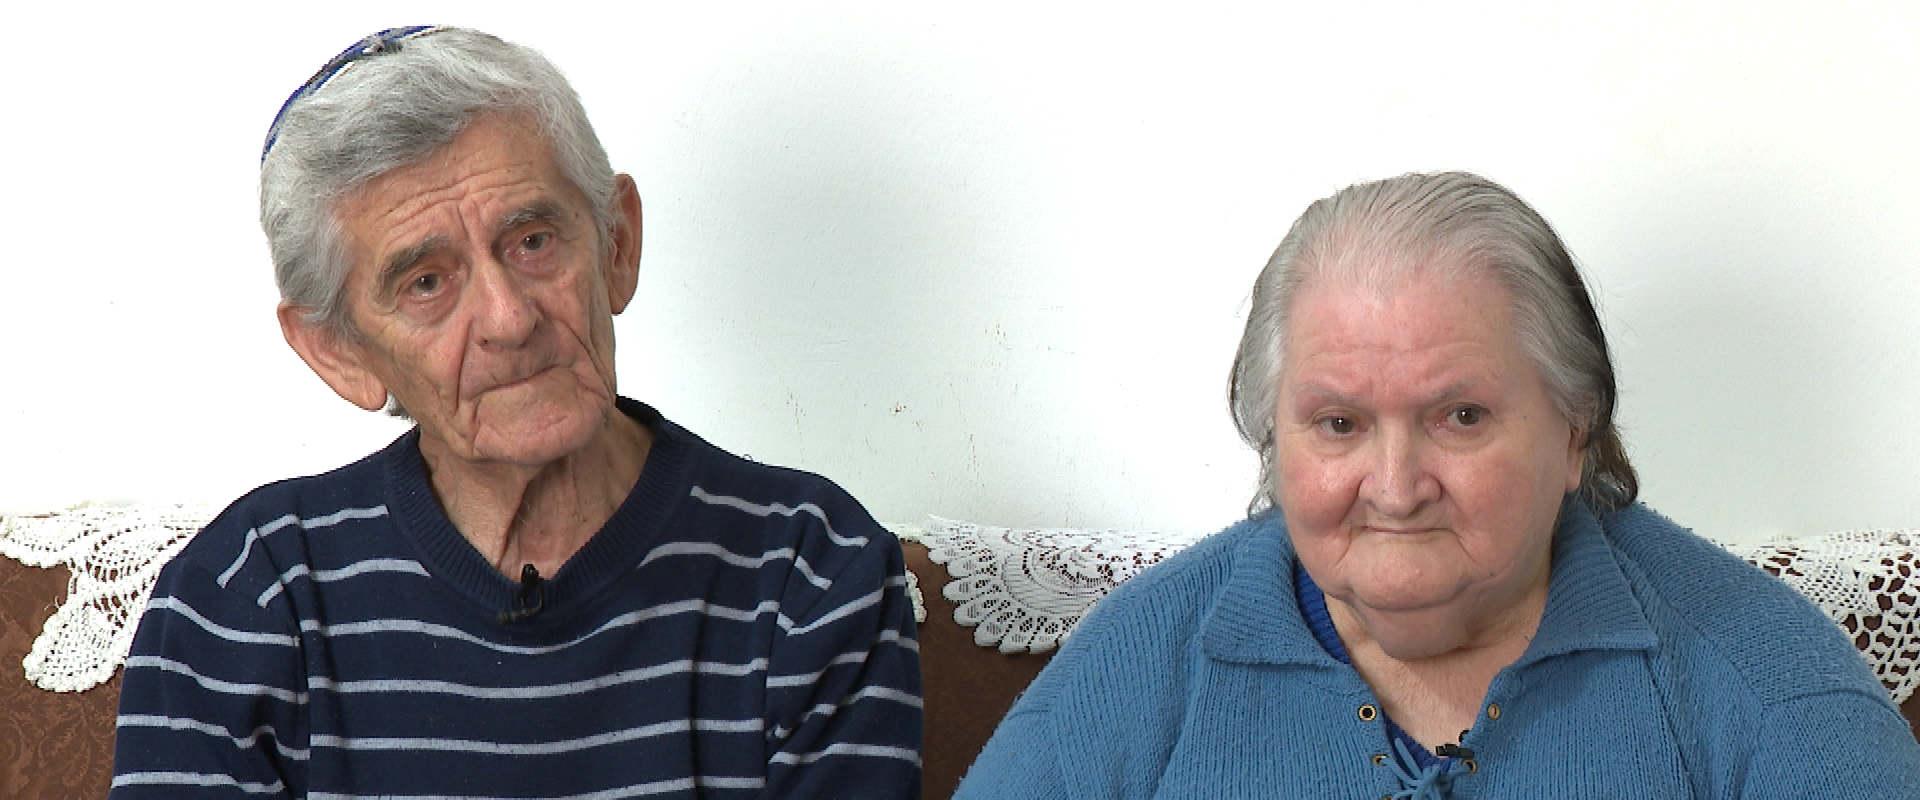 רחל וחיים מרגוליס, ניצולי שואה מרומניה